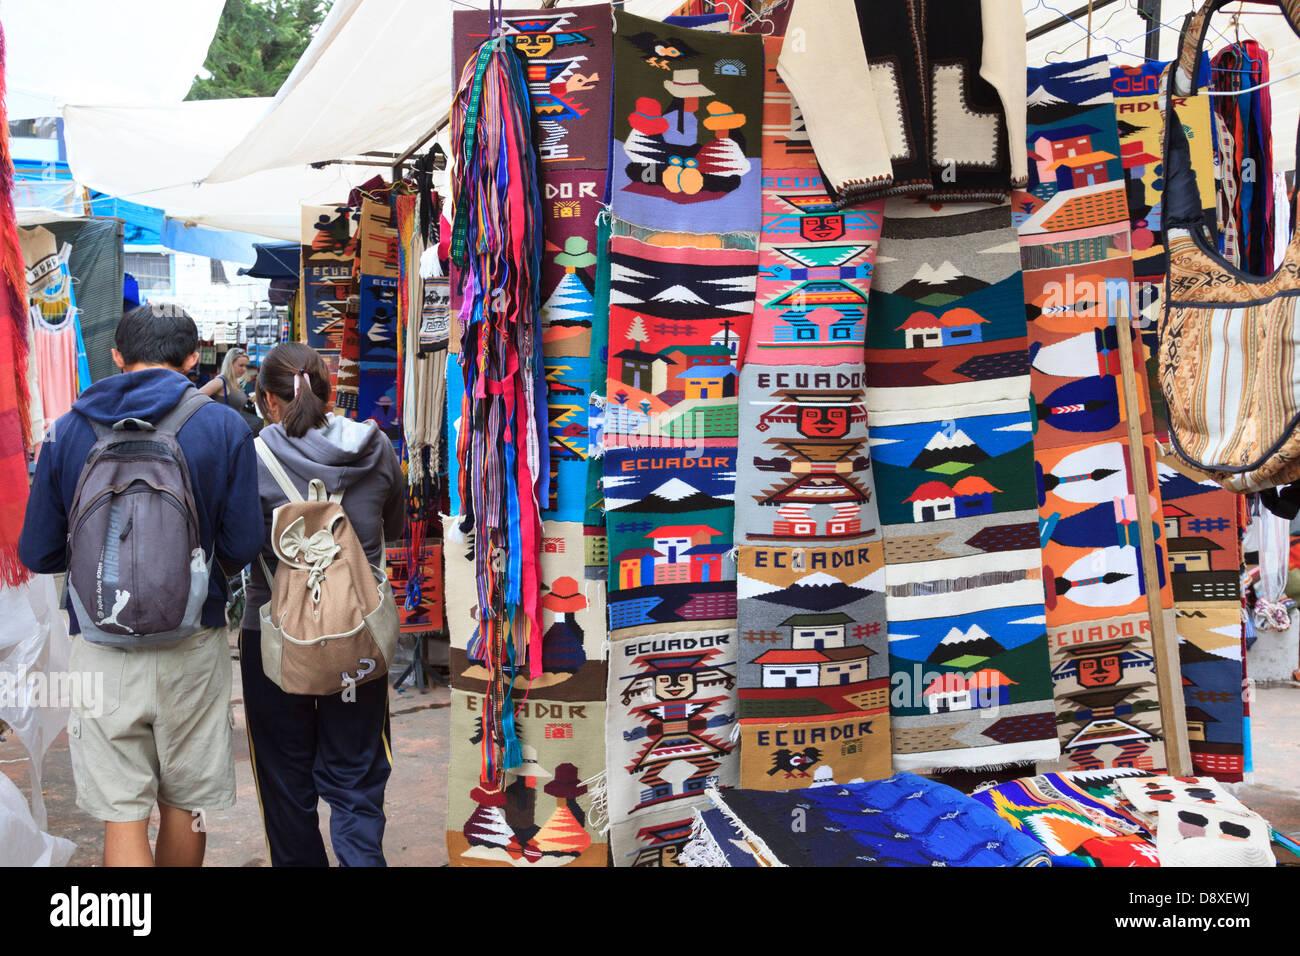 Saturday Market, Otavalo, Ecuador - Stock Image